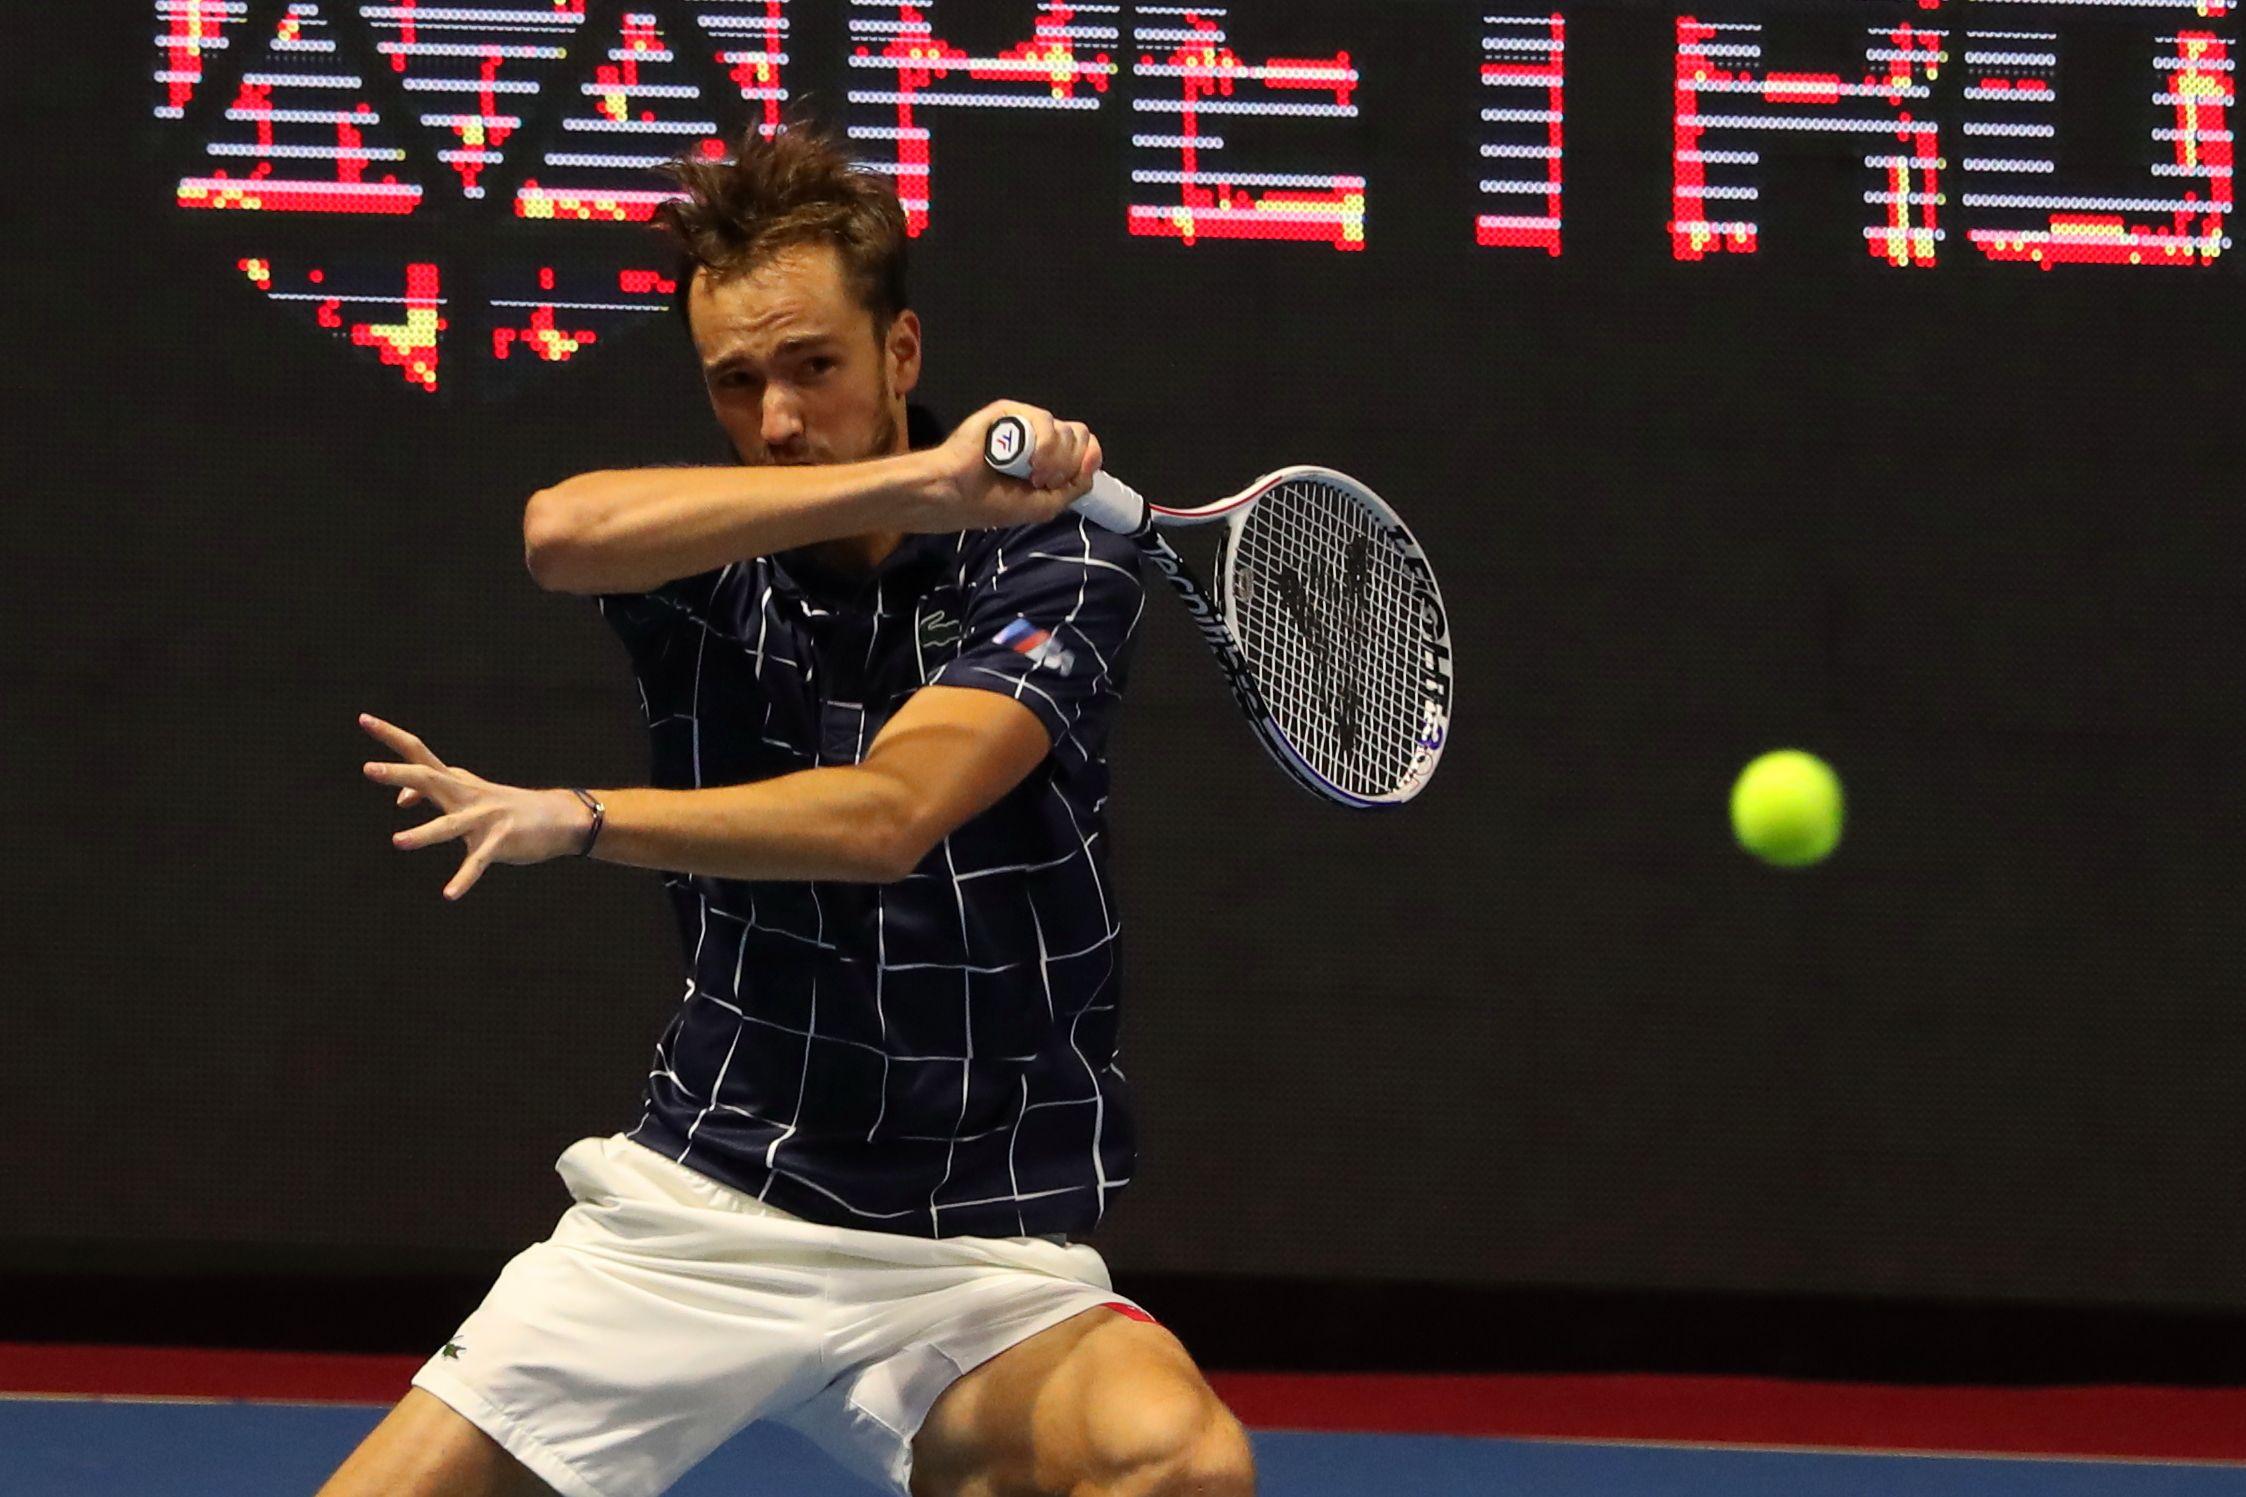 Медведев заявил, что хочет выиграть хотя бы один матч на Итоговом турнире ATP